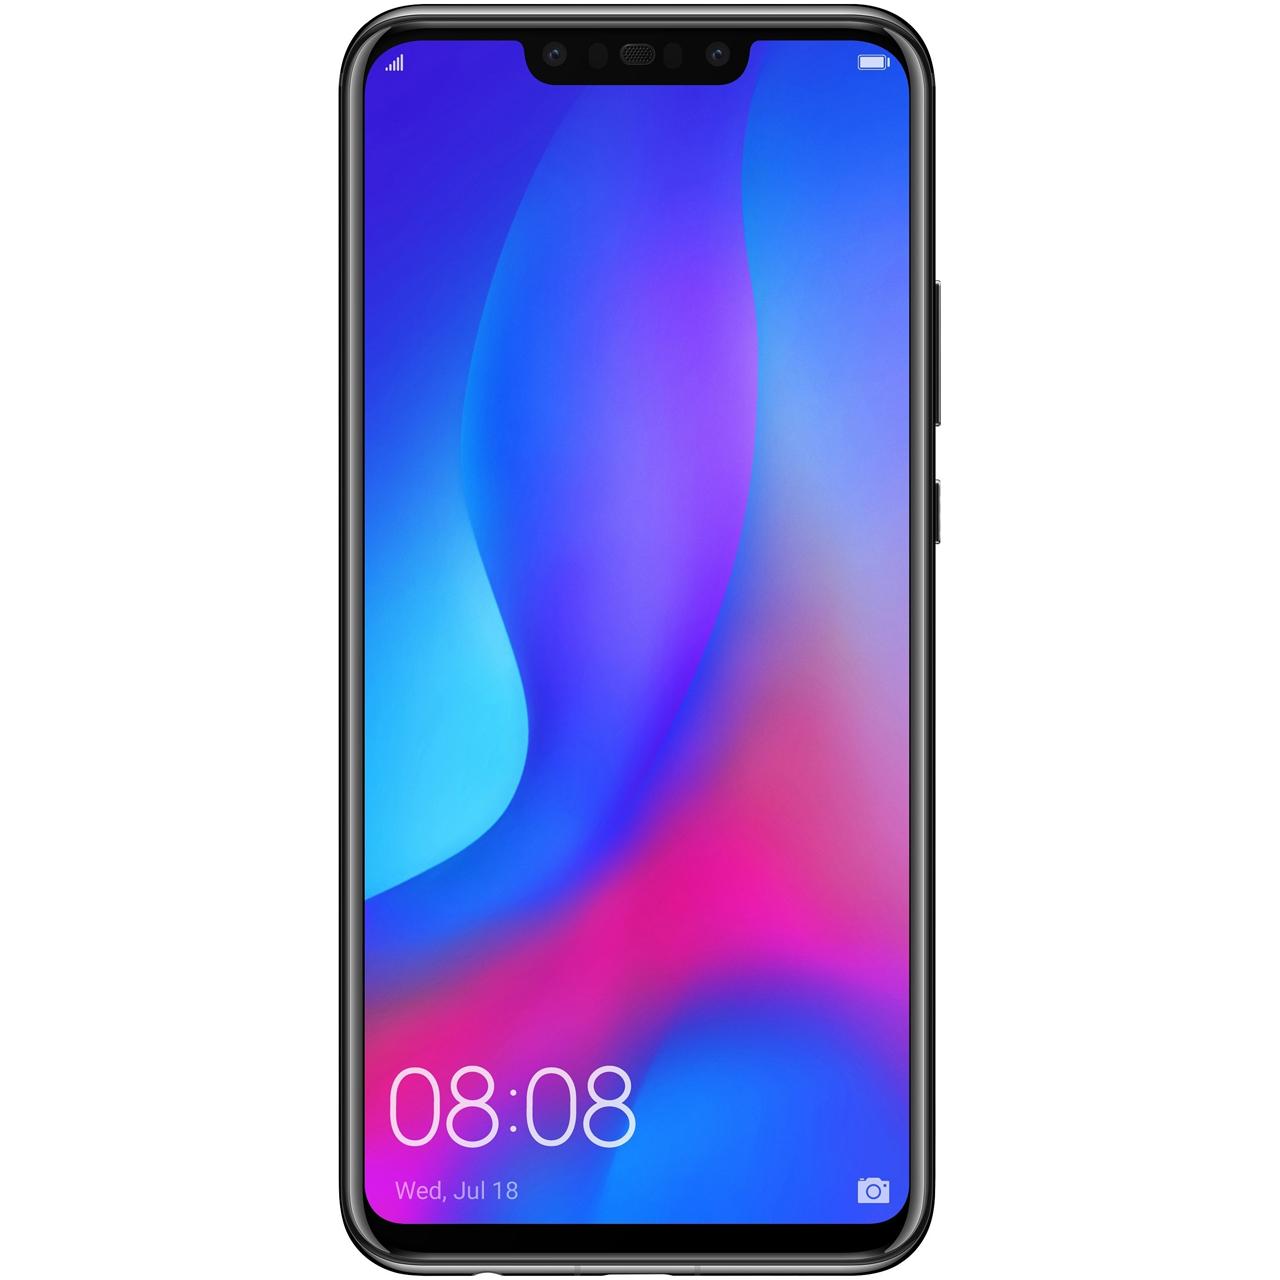 گوشی موبایل هوآوی مدل Nova 3i INE-LX1M دو سیم کارت ظرفیت 128 گیگابایت